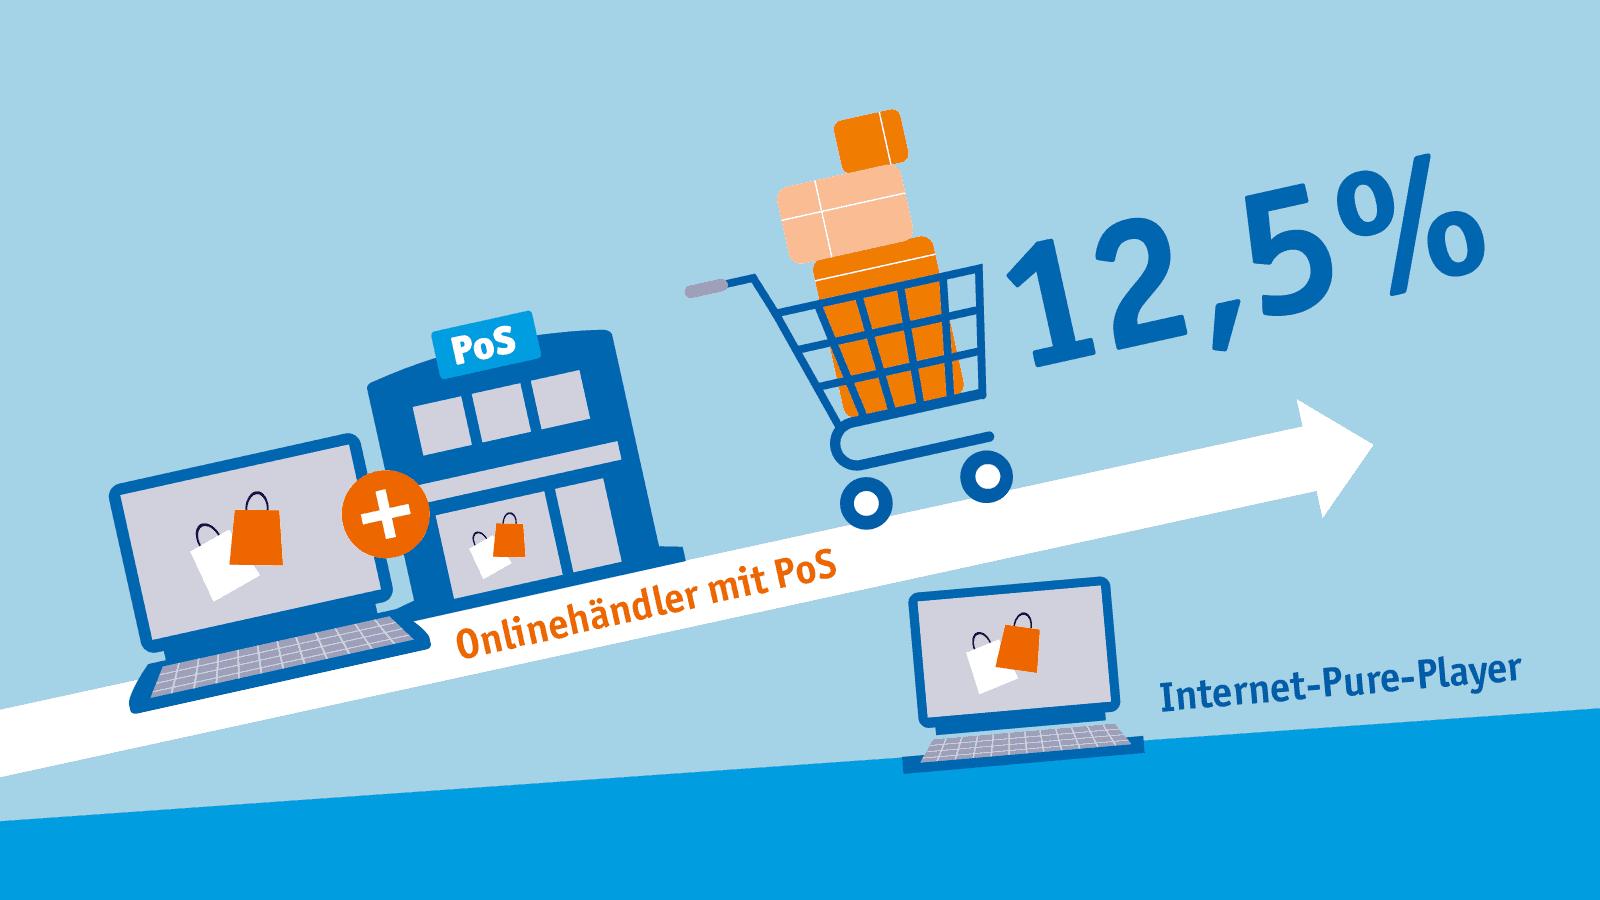 12,5 Prozent Onlinewachstum bei Onlinehändlern mit stationärem Geschäft